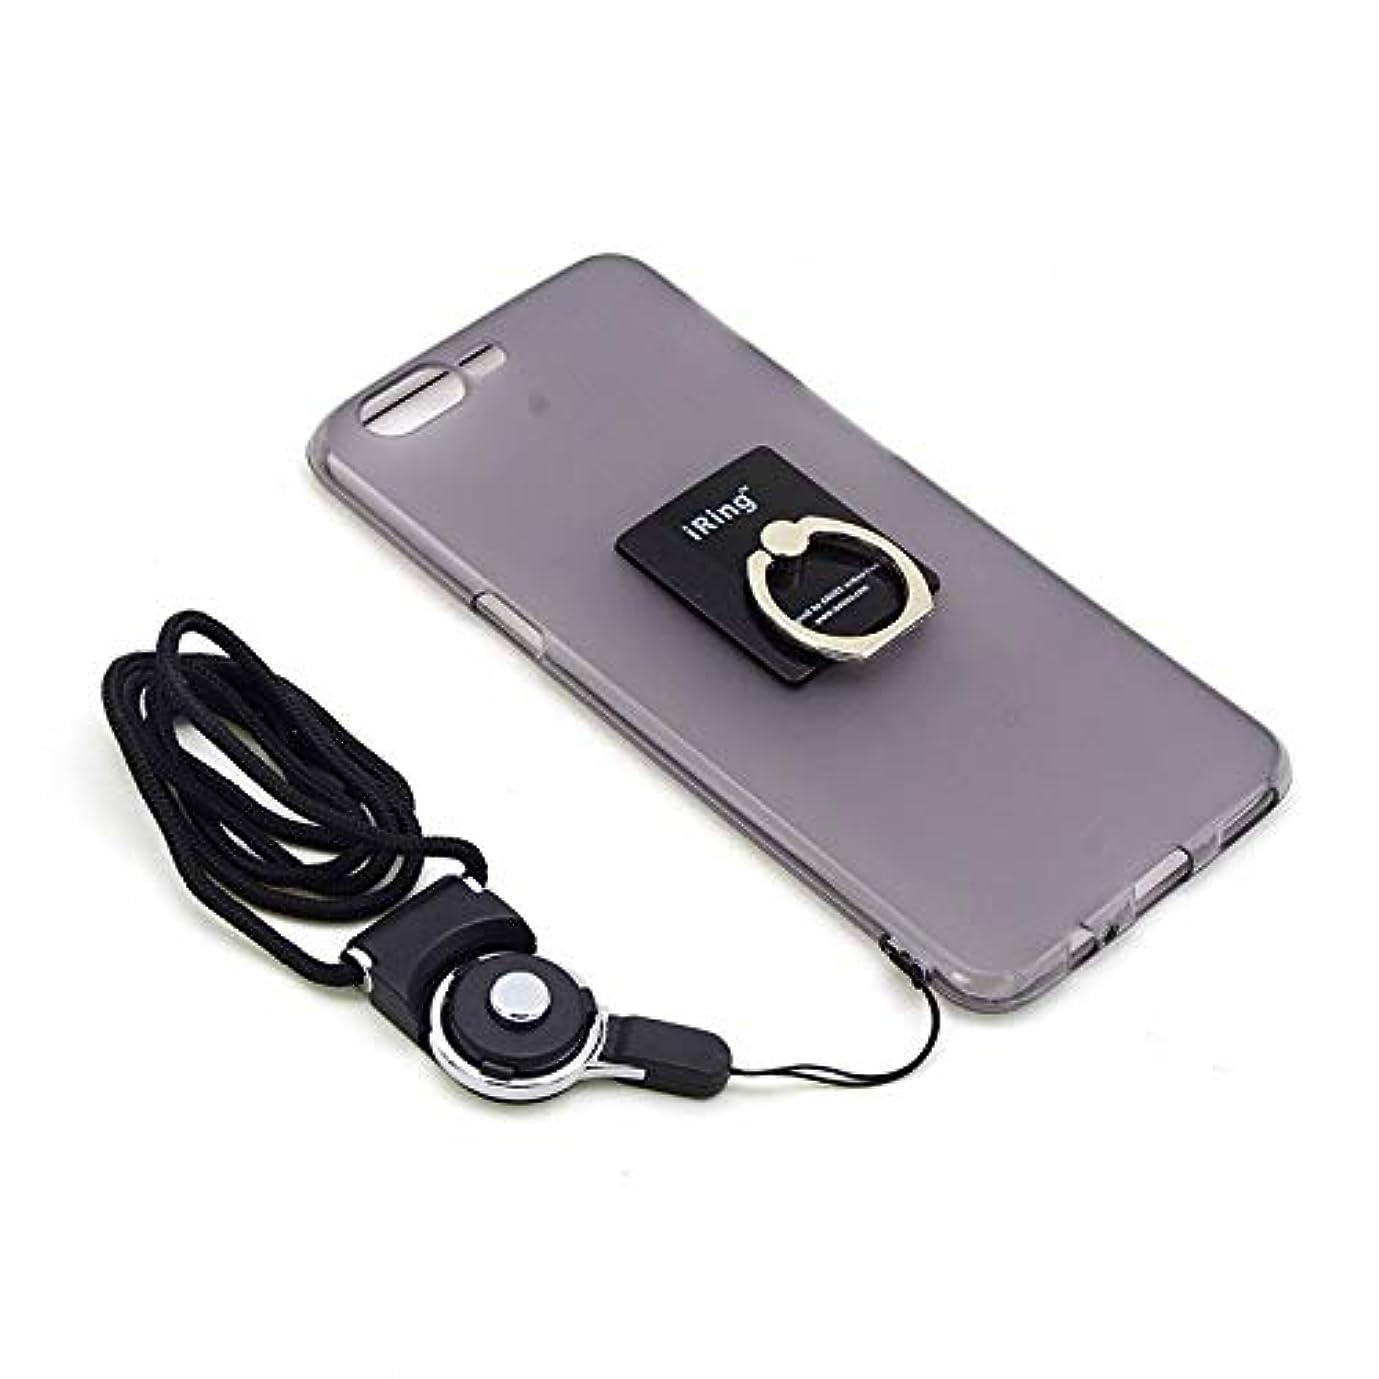 メイン代表する早めるJicorzo - Oneplusファイブメタルキーチェーンフィンガーリングホルダーのための新しい携帯電話ケースONE PLUS 5 1プラス3T TPUケースについてネックストラップスタンド